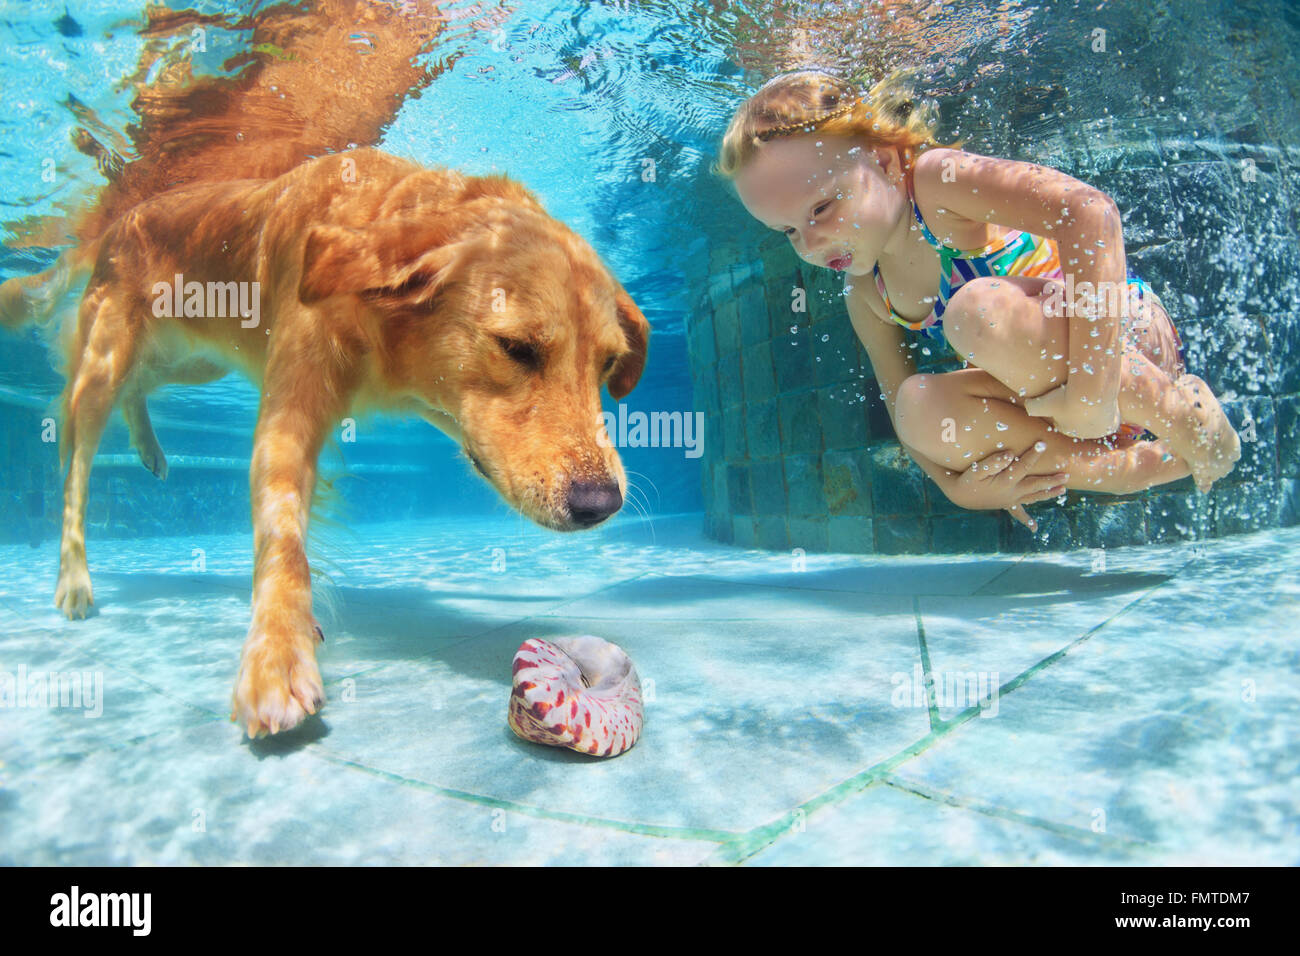 Enfant jouer avec plaisir et le train golden labrador retriever chiot de la piscine - sauter et plonger sous l'eau Photo Stock